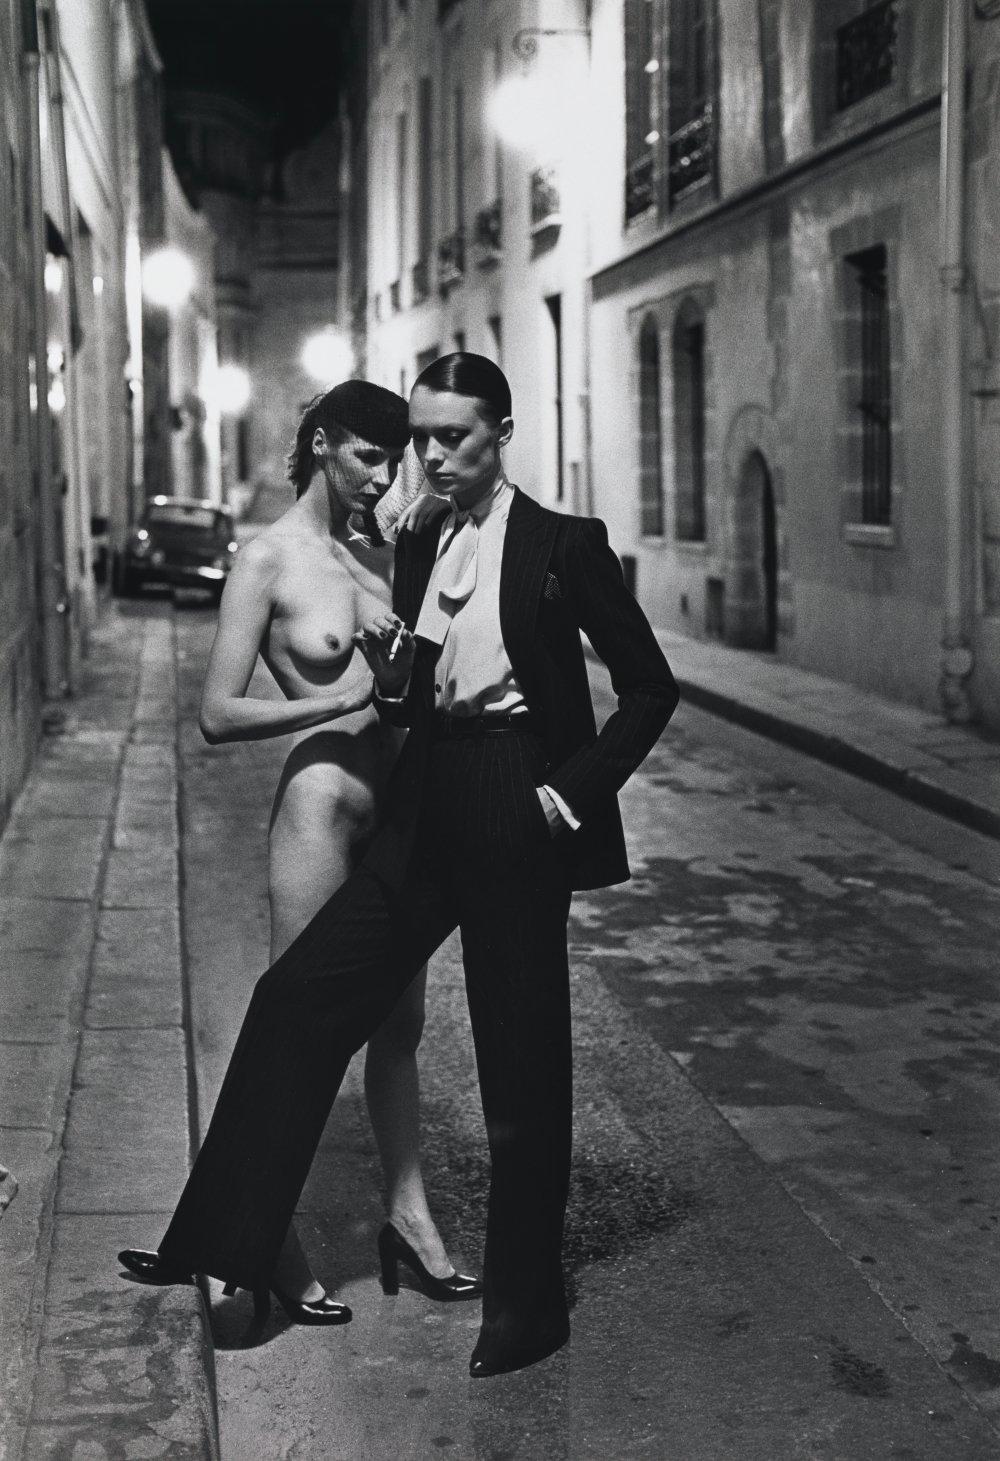 Rue Aubriot, Paris, 1975